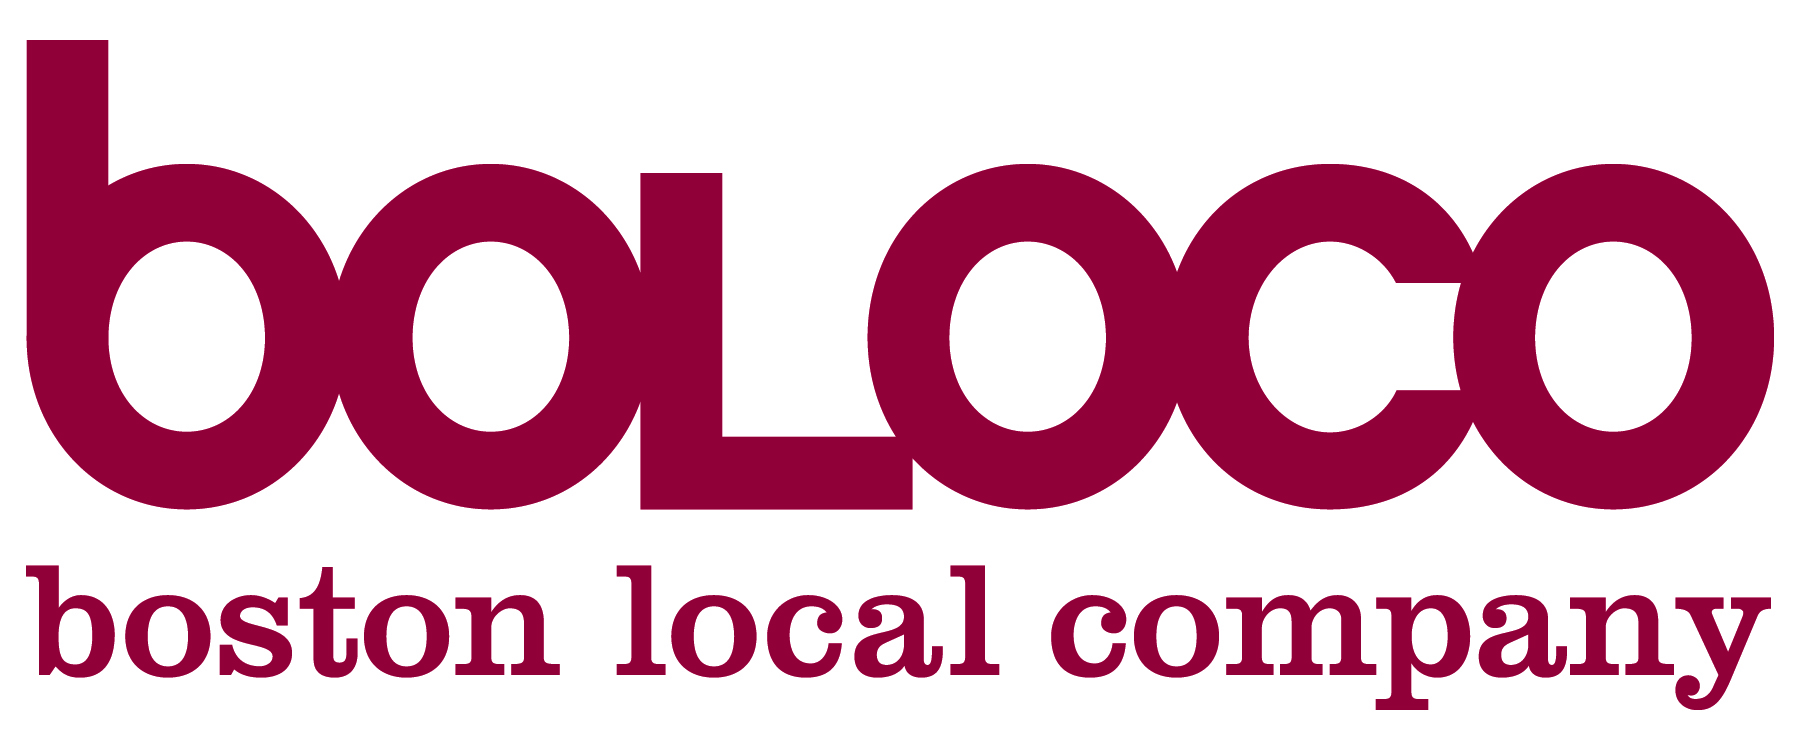 Boloco